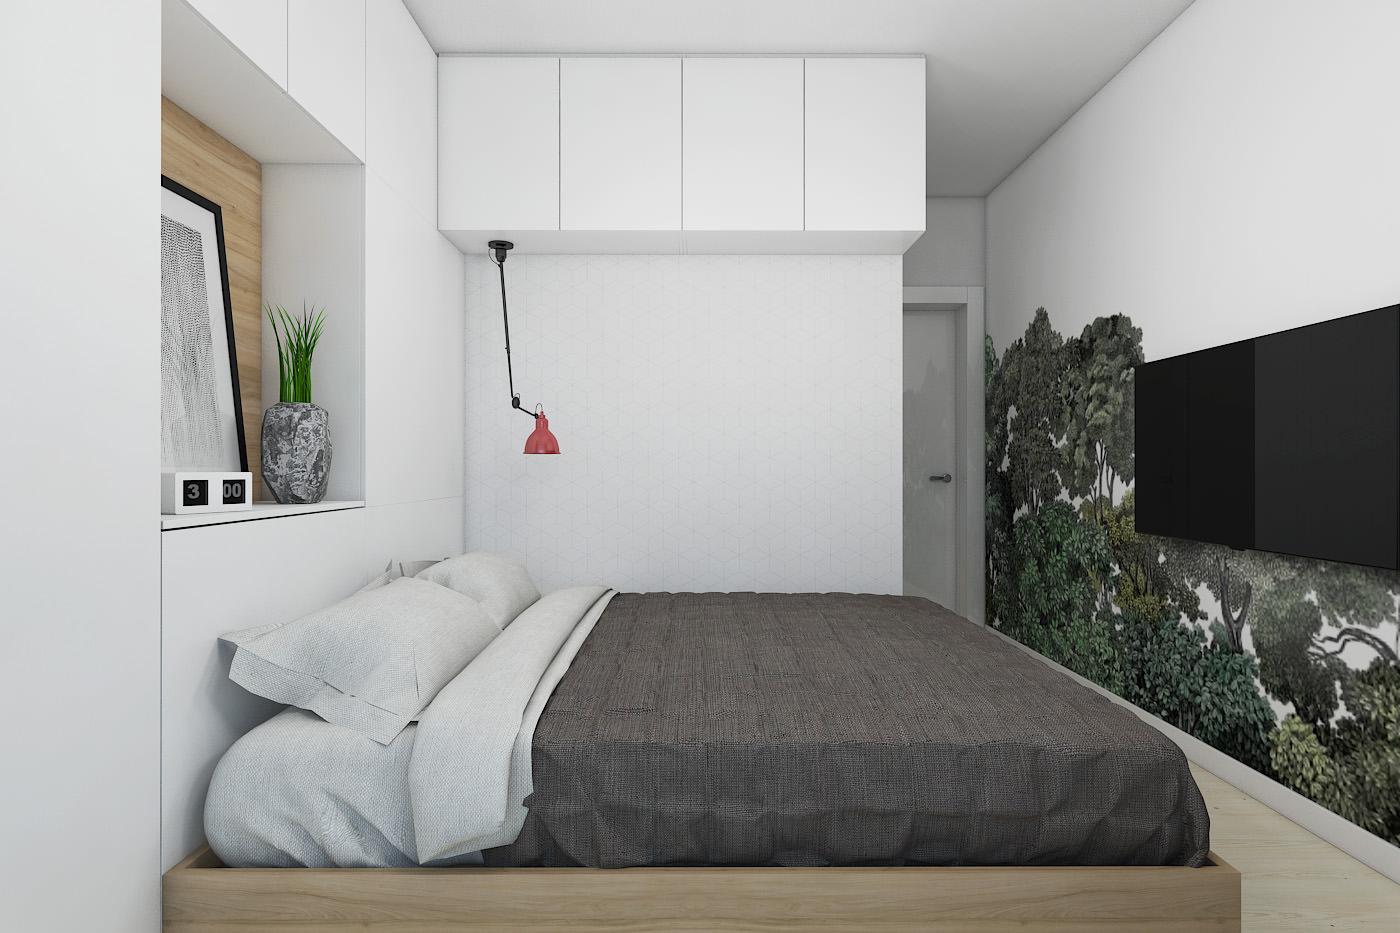 sazdavane-na-dinamichen-i-vedar-interior-v-dvustaen-apartament-60-m-6g